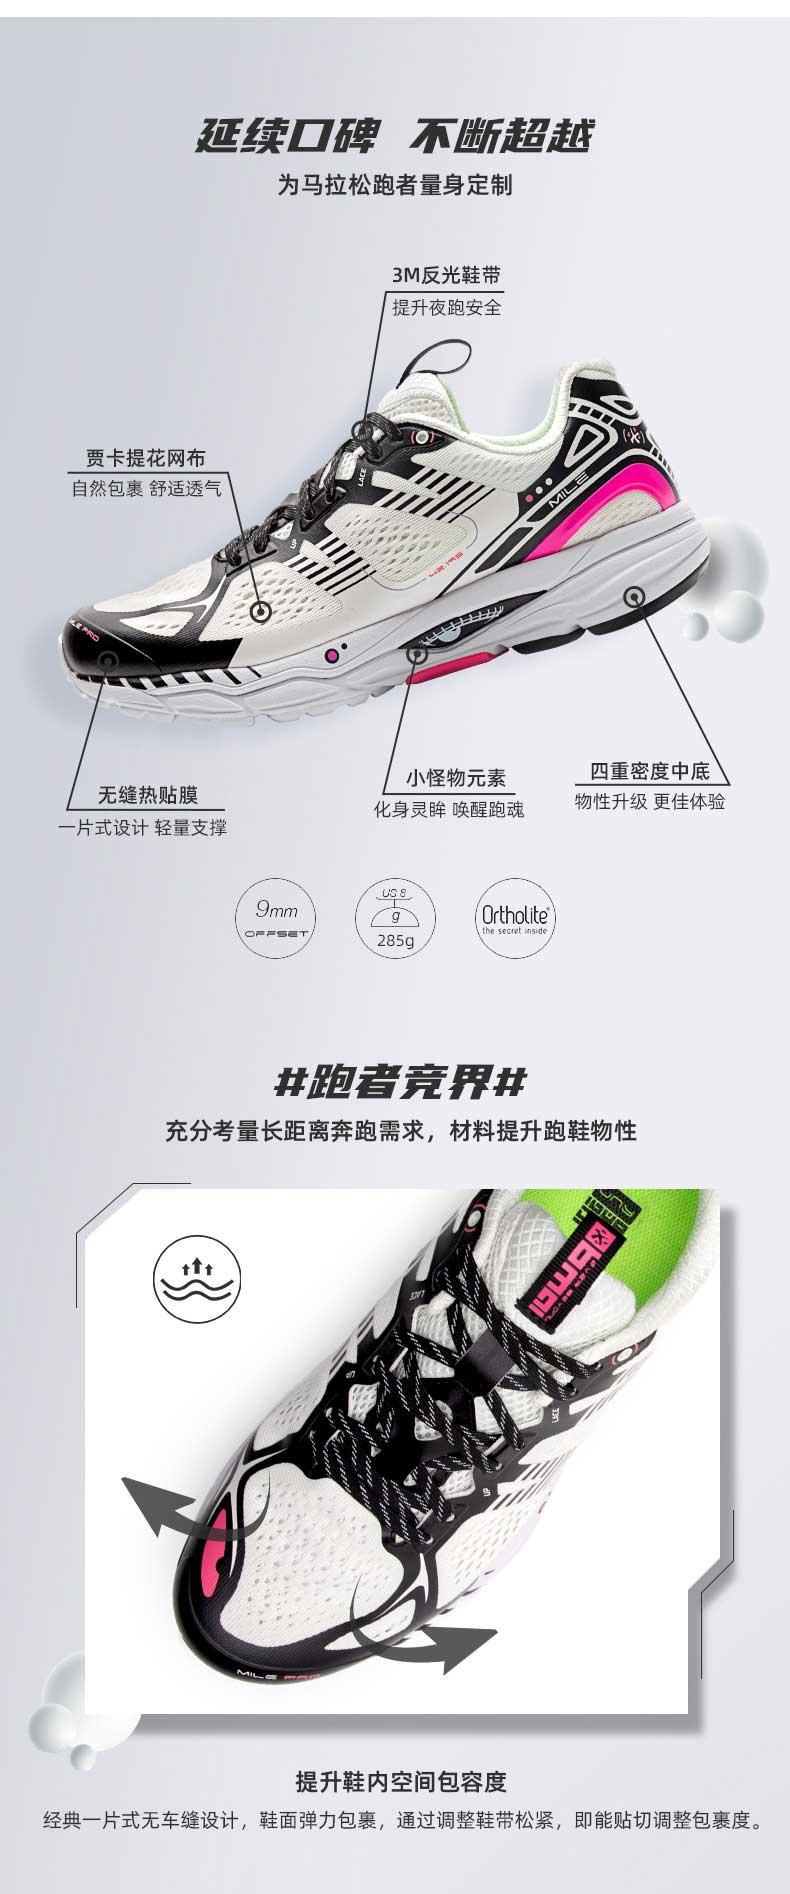 必迈 Mile 2020新品 42K Pro潜能 42公里专业马拉松缓震跑步鞋 图7